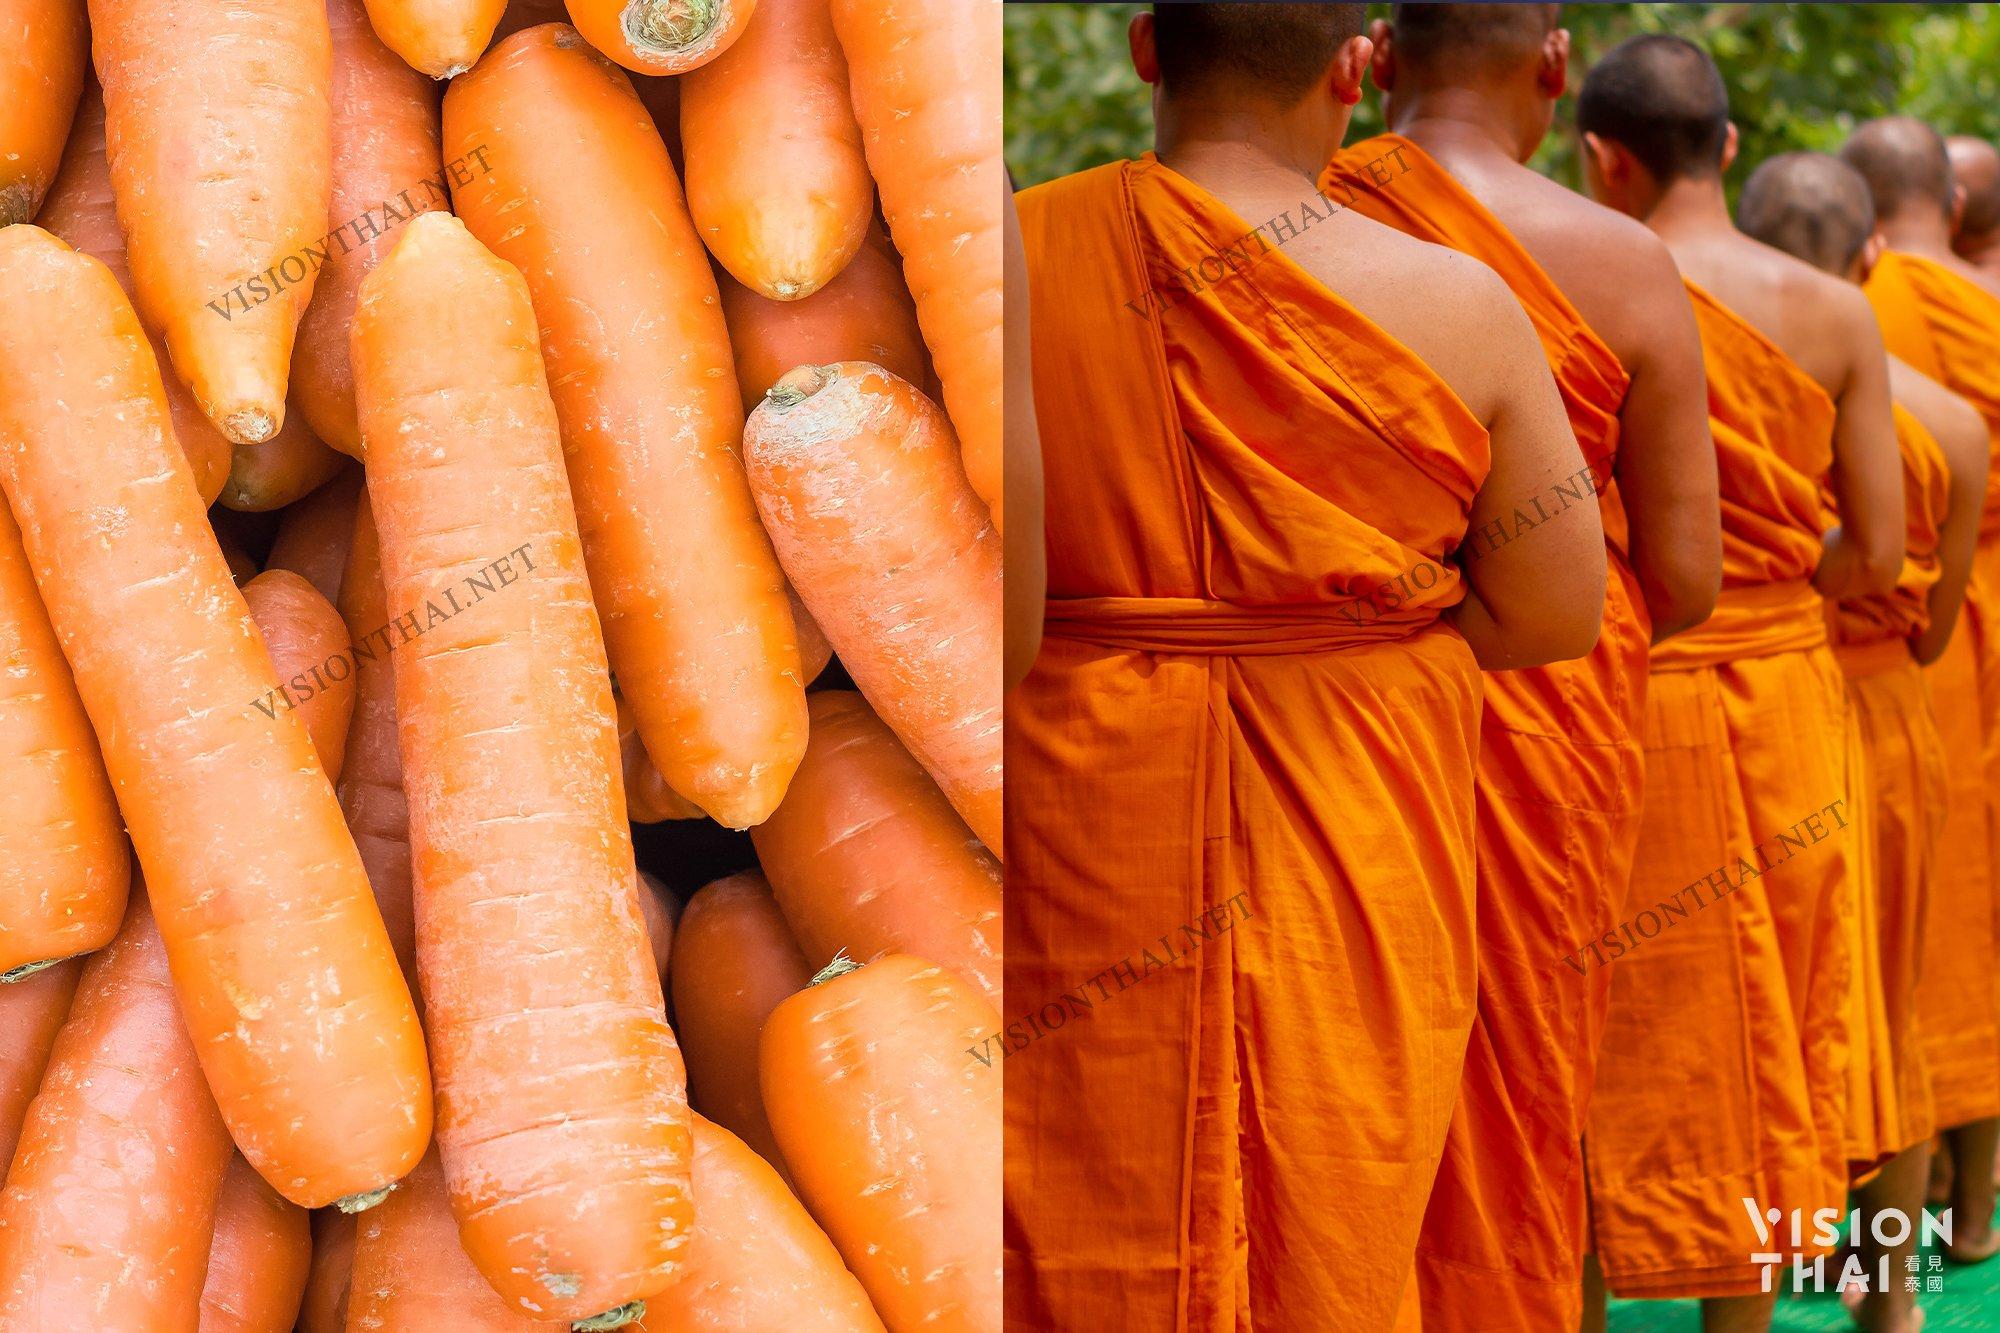 泰國示威者幽默自創暗號:紅蘿蔔/僧人(製圖:VISION THAI)